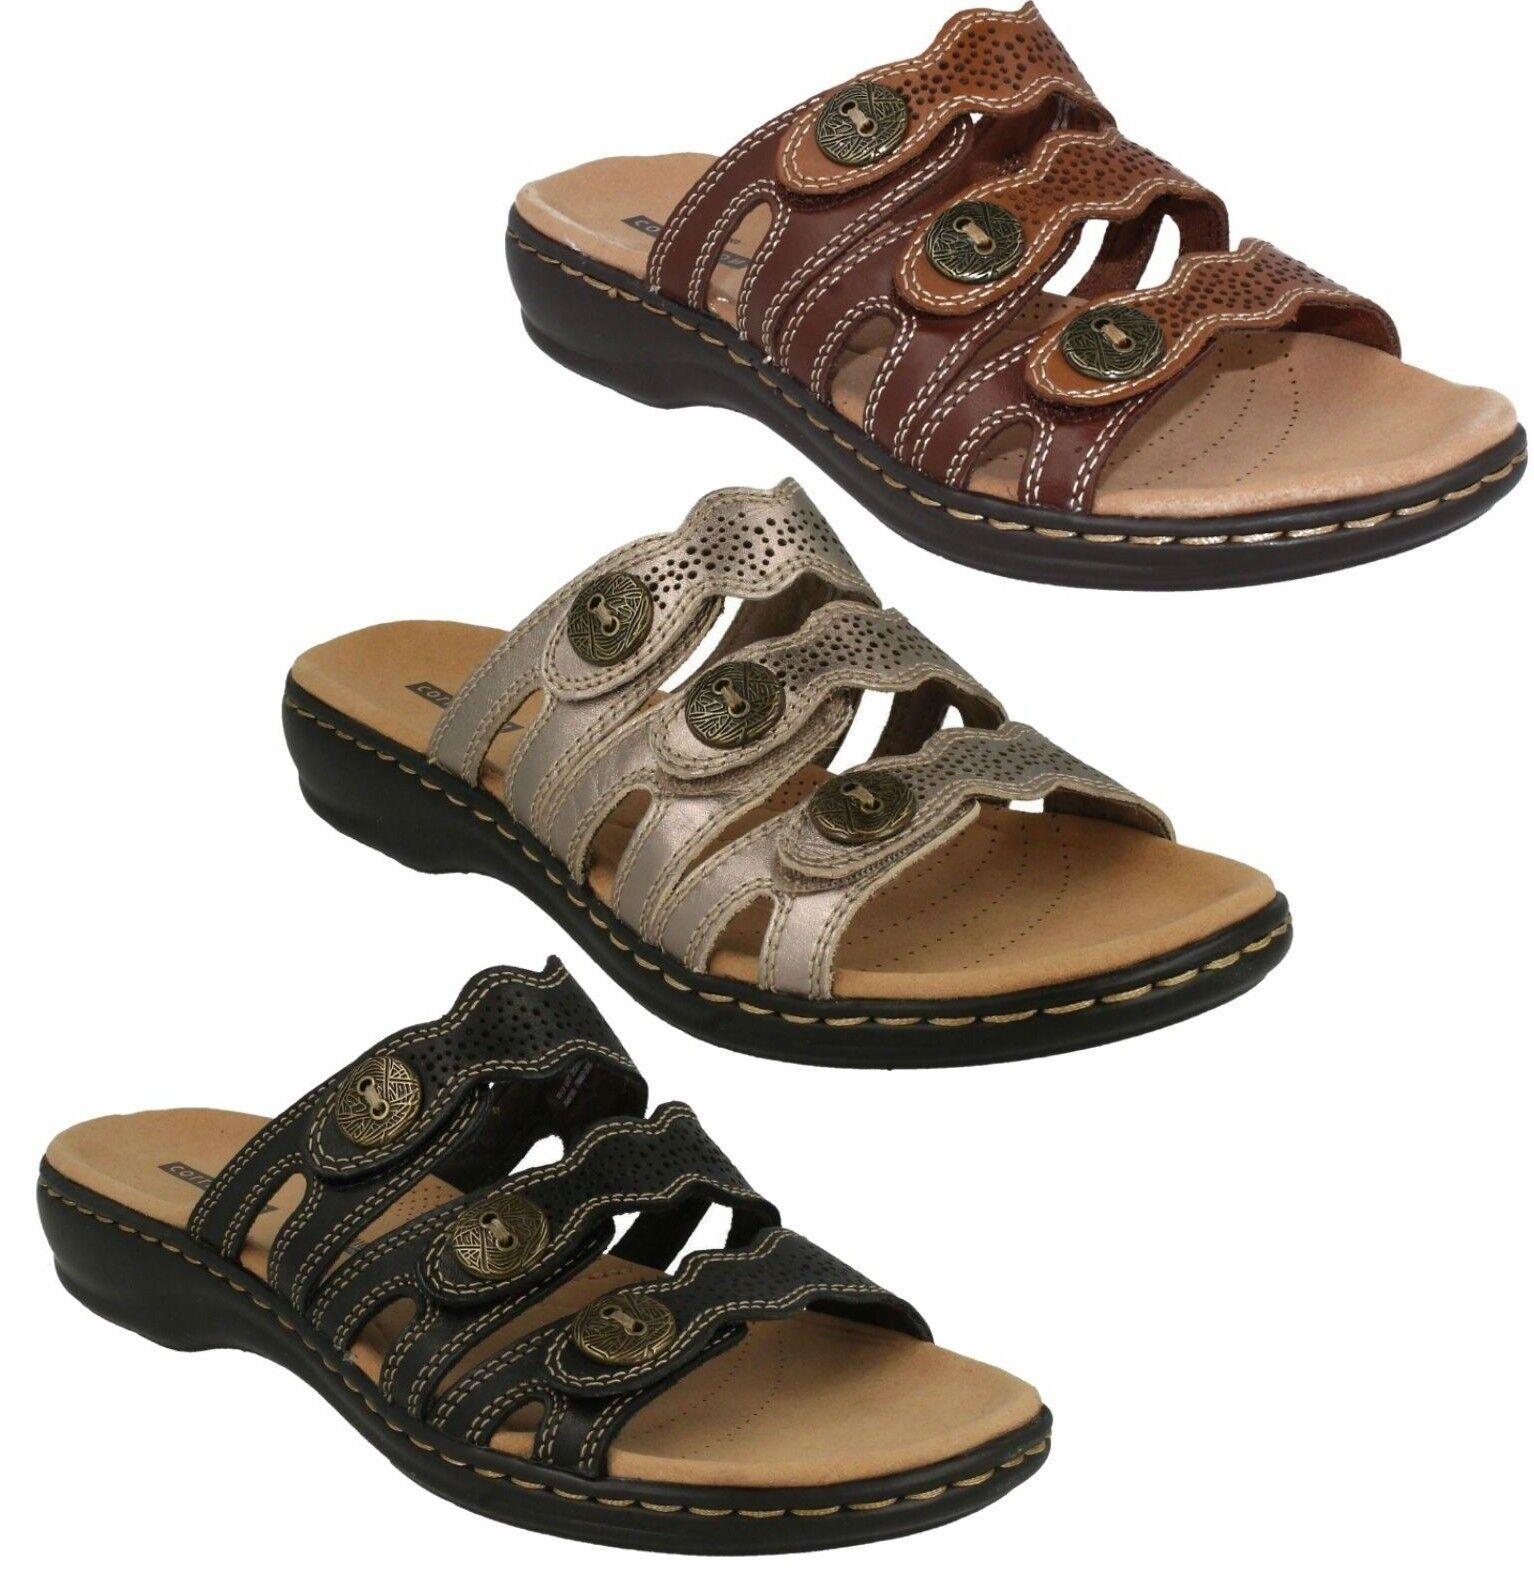 Damen Clarks Leder Slipper Niedriger Absatz Freizeit Sandale Pantoffeln Größe